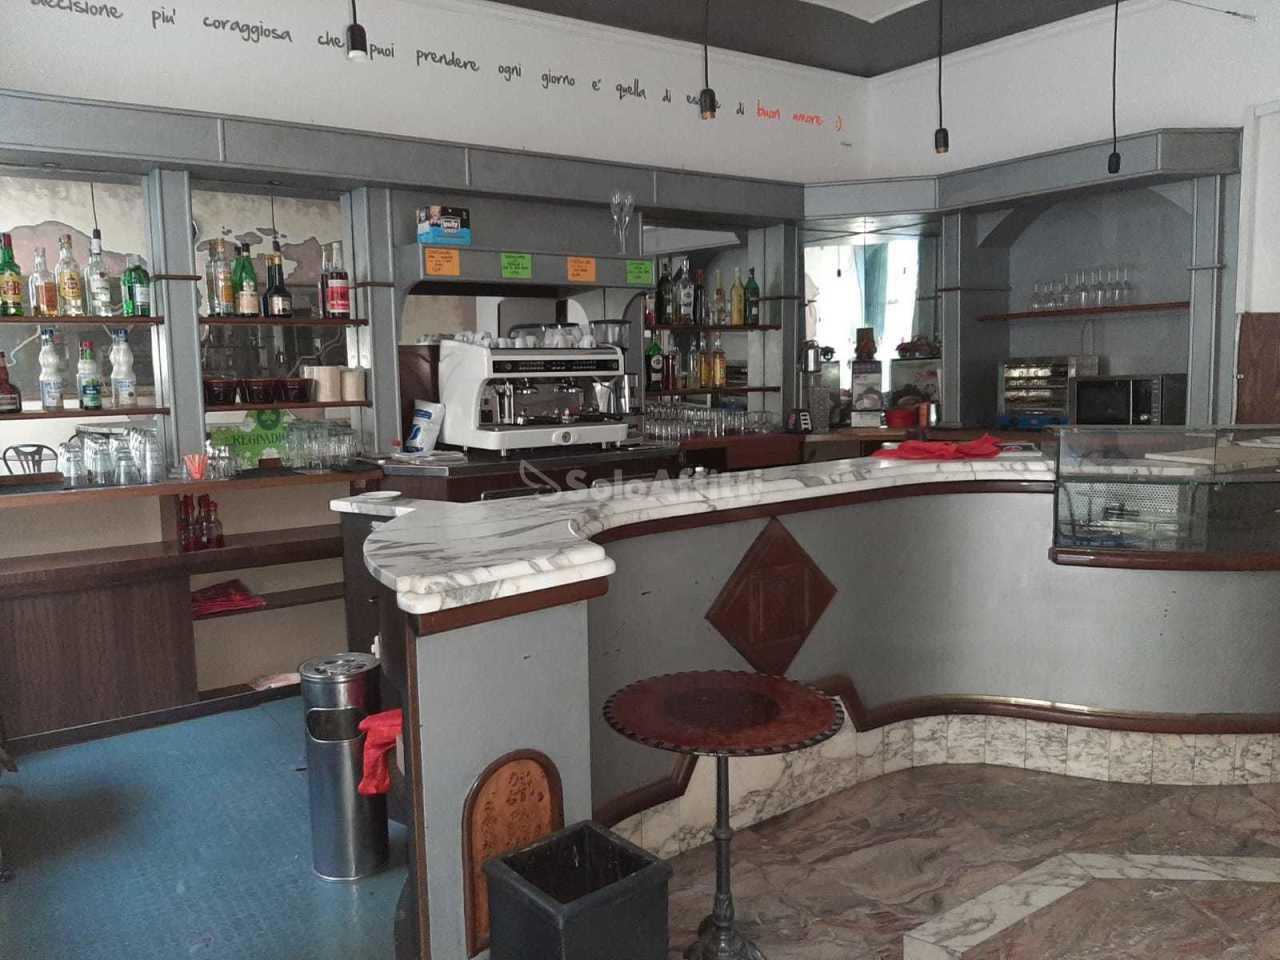 Fondo/negozio - 2 vetrine/luci a Centro, Torino Rif. 12041288